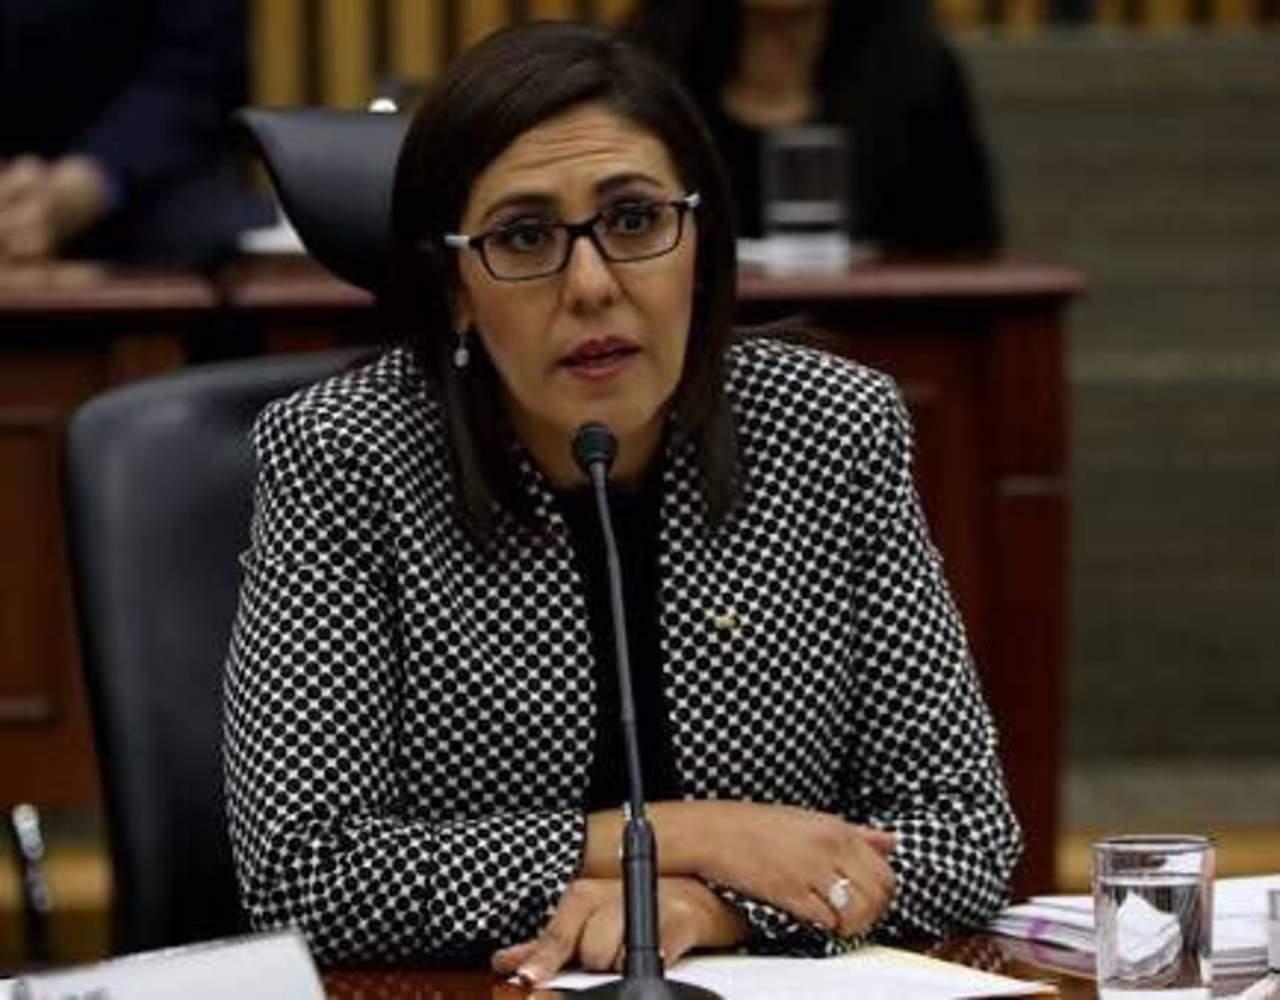 Presupuesto del INE debe respetar derechos laborales, dice consejera. Noticias en tiempo real